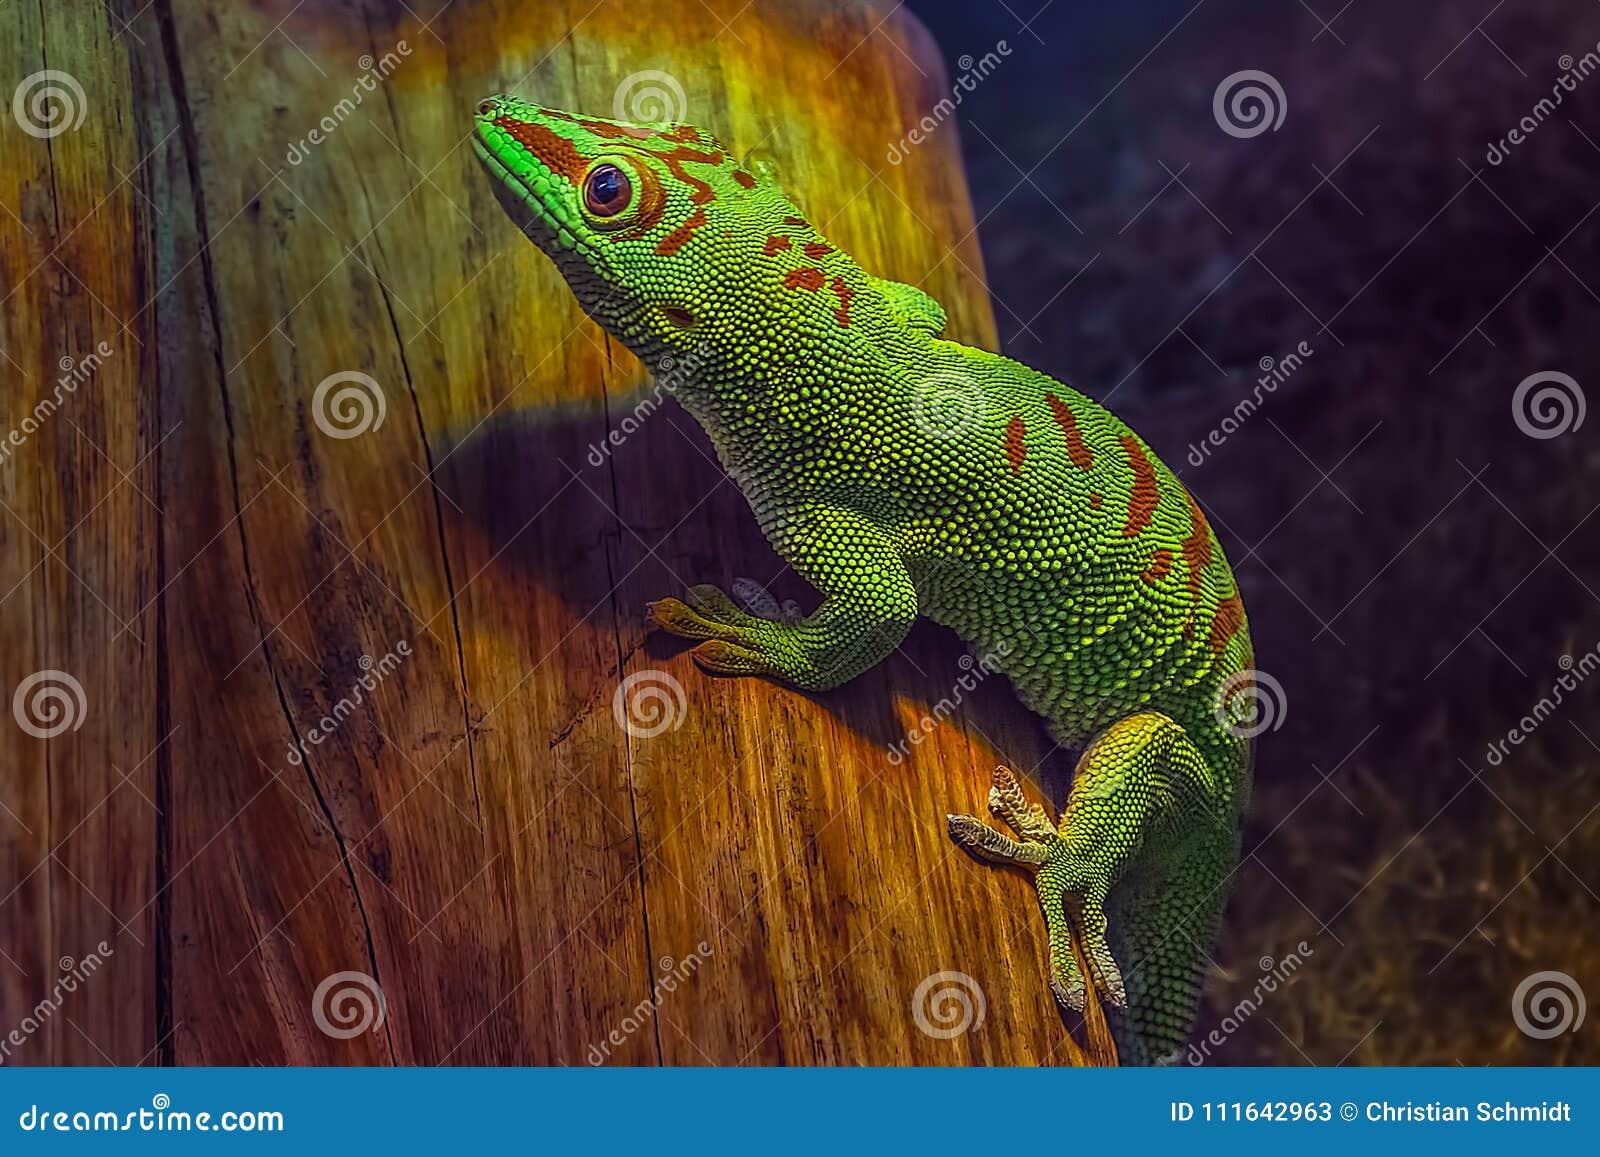 Madagascariensis de madagascariensis de Phelsuma de gecko de jour du Madagascar